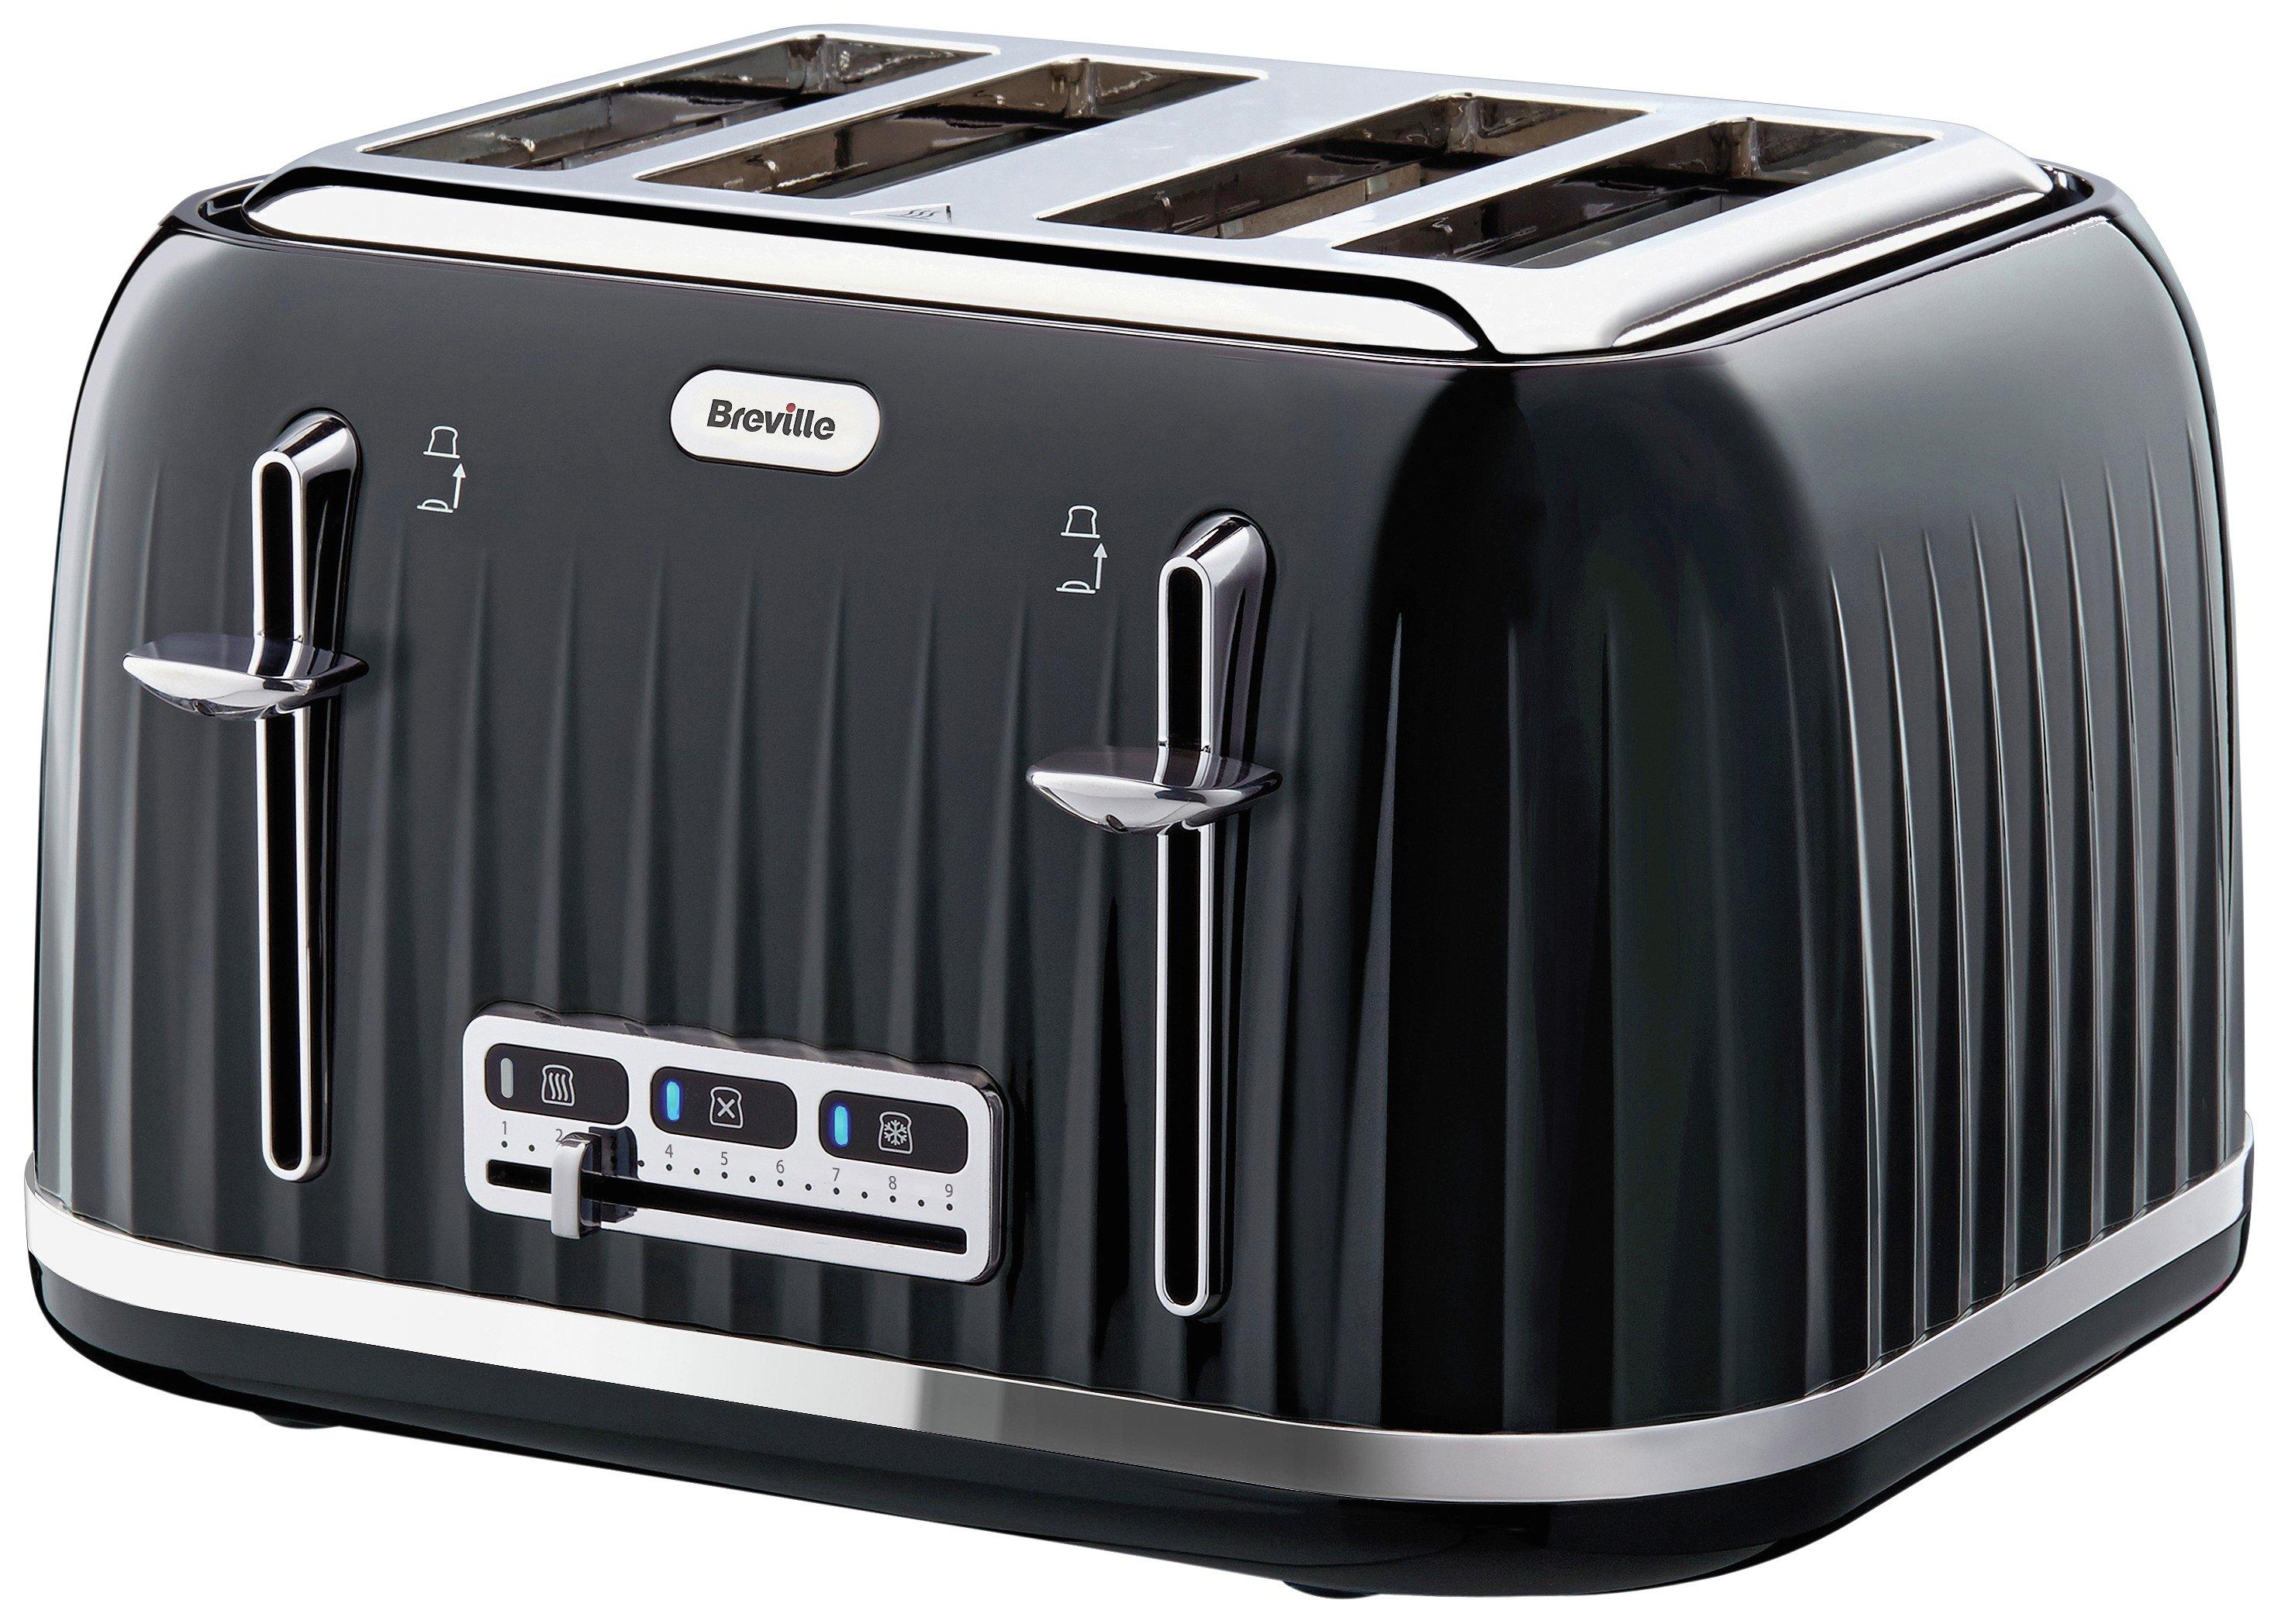 Image of Breville VTT476 Impressions 4 Slice Toaster - Black